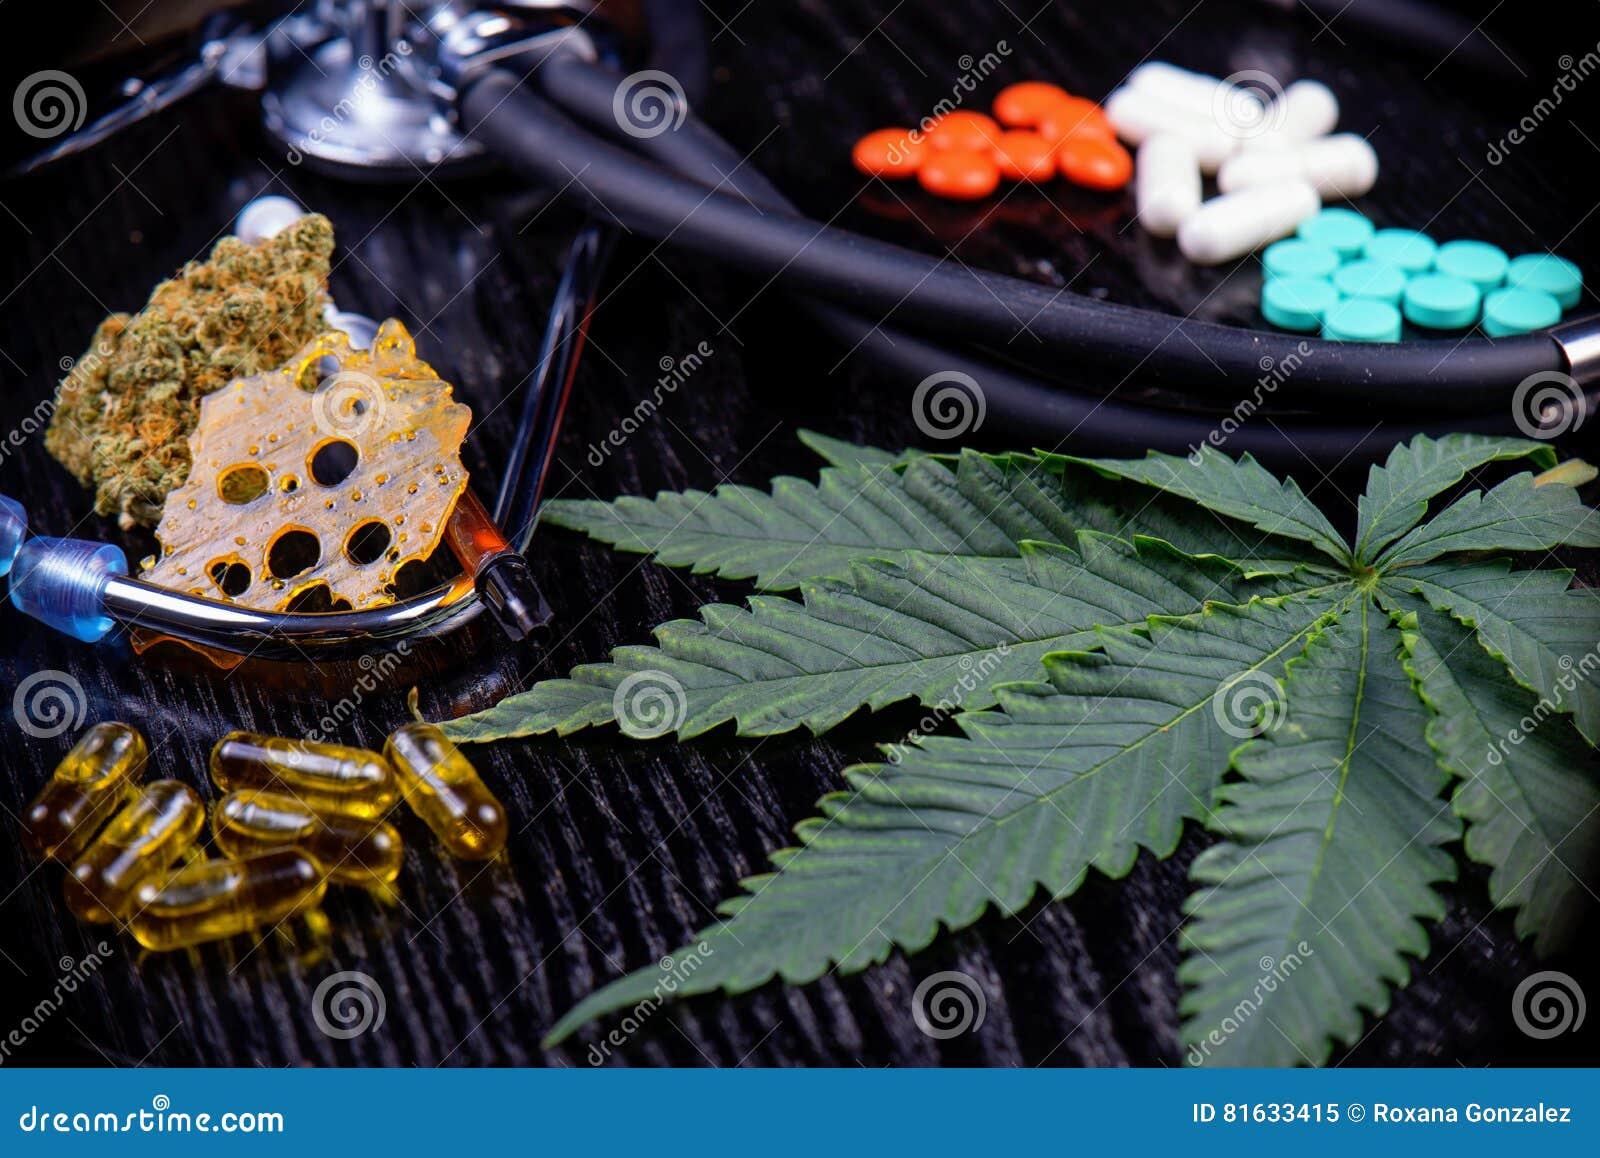 Le fond de produits médical de marijuana avec la feuille, éclat, bourgeonnent